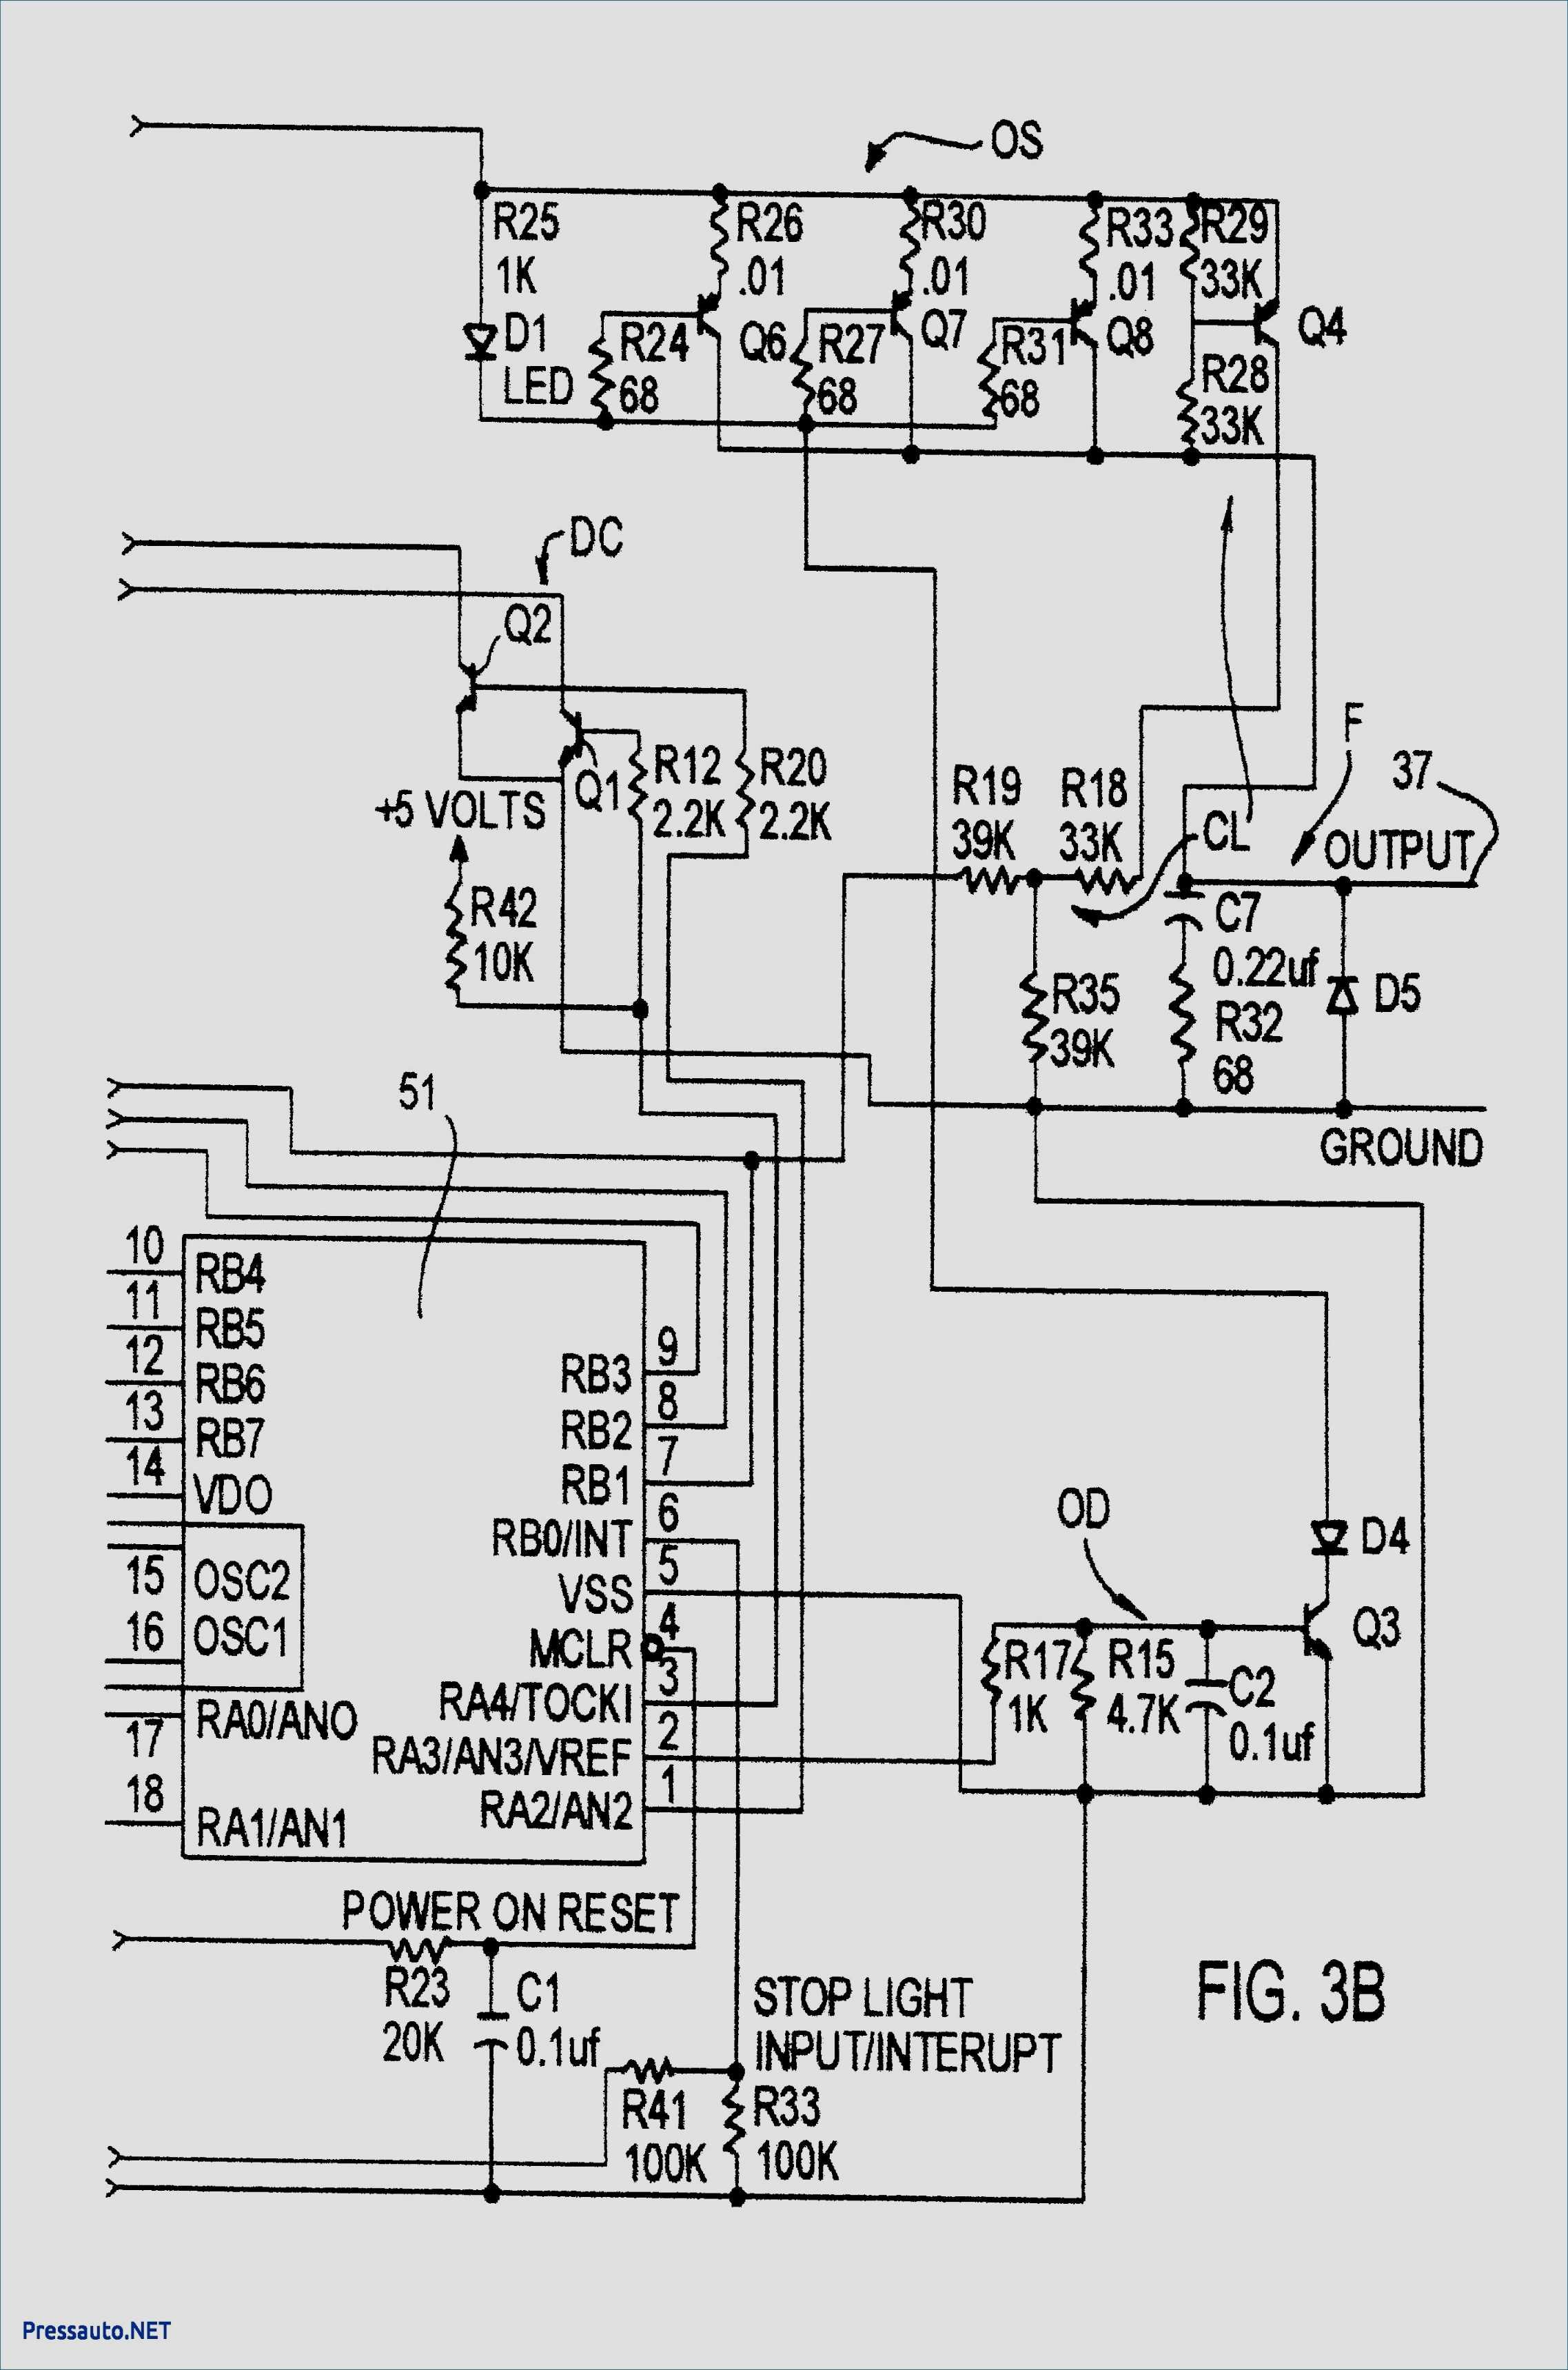 emg 89 81 21 wiring diagram tekonsha voyager electric ke wiring diagram wiring diagram data  tekonsha voyager electric ke wiring